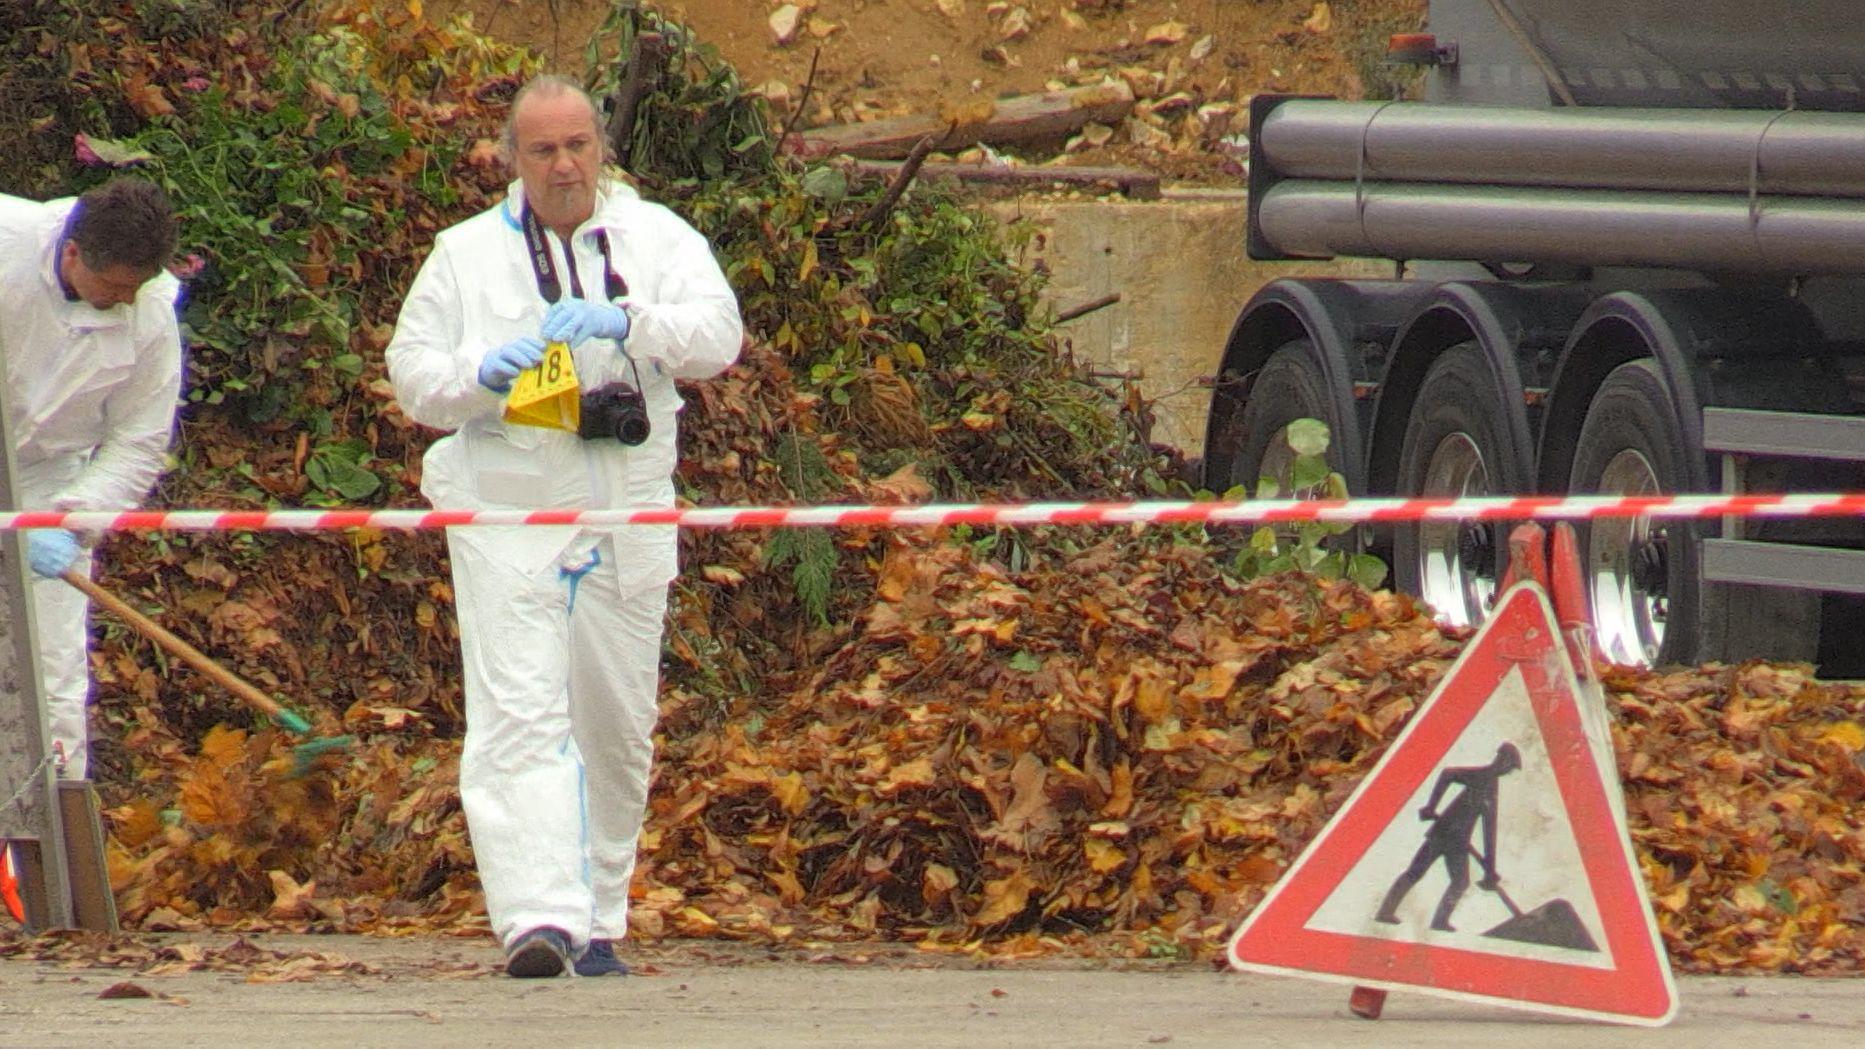 Auf dem Gelände einer Spedition wurde eine männliche Leiche entdeckt.